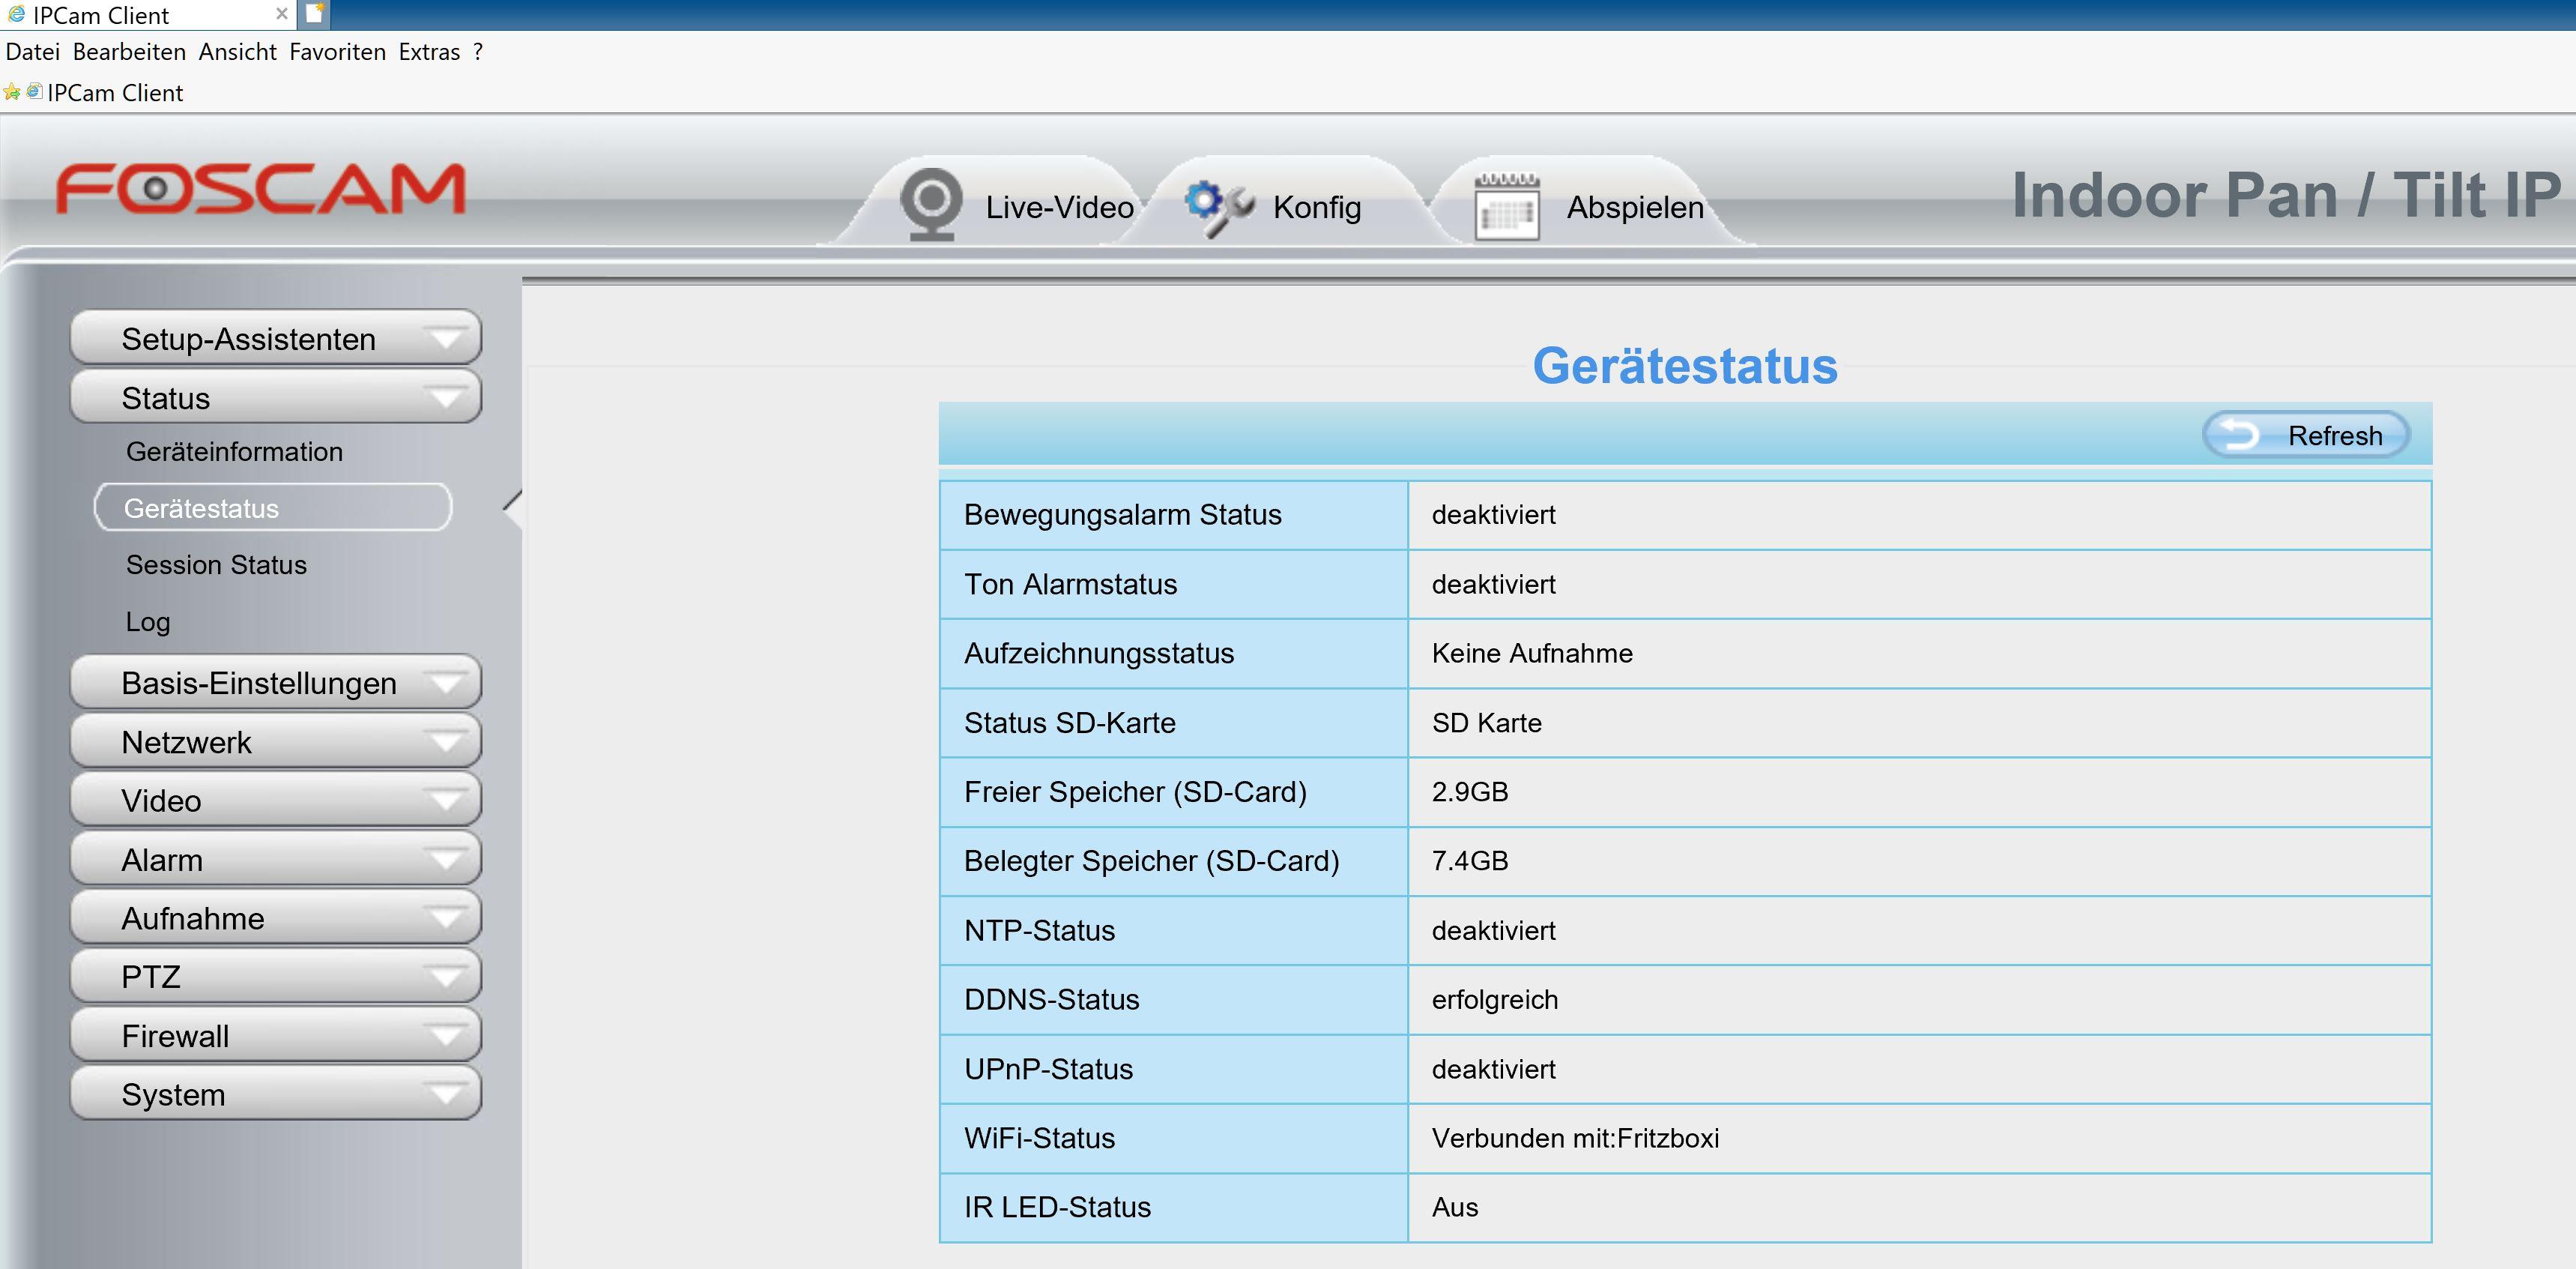 Foscam Web GUI - Erfolgreich.JPG